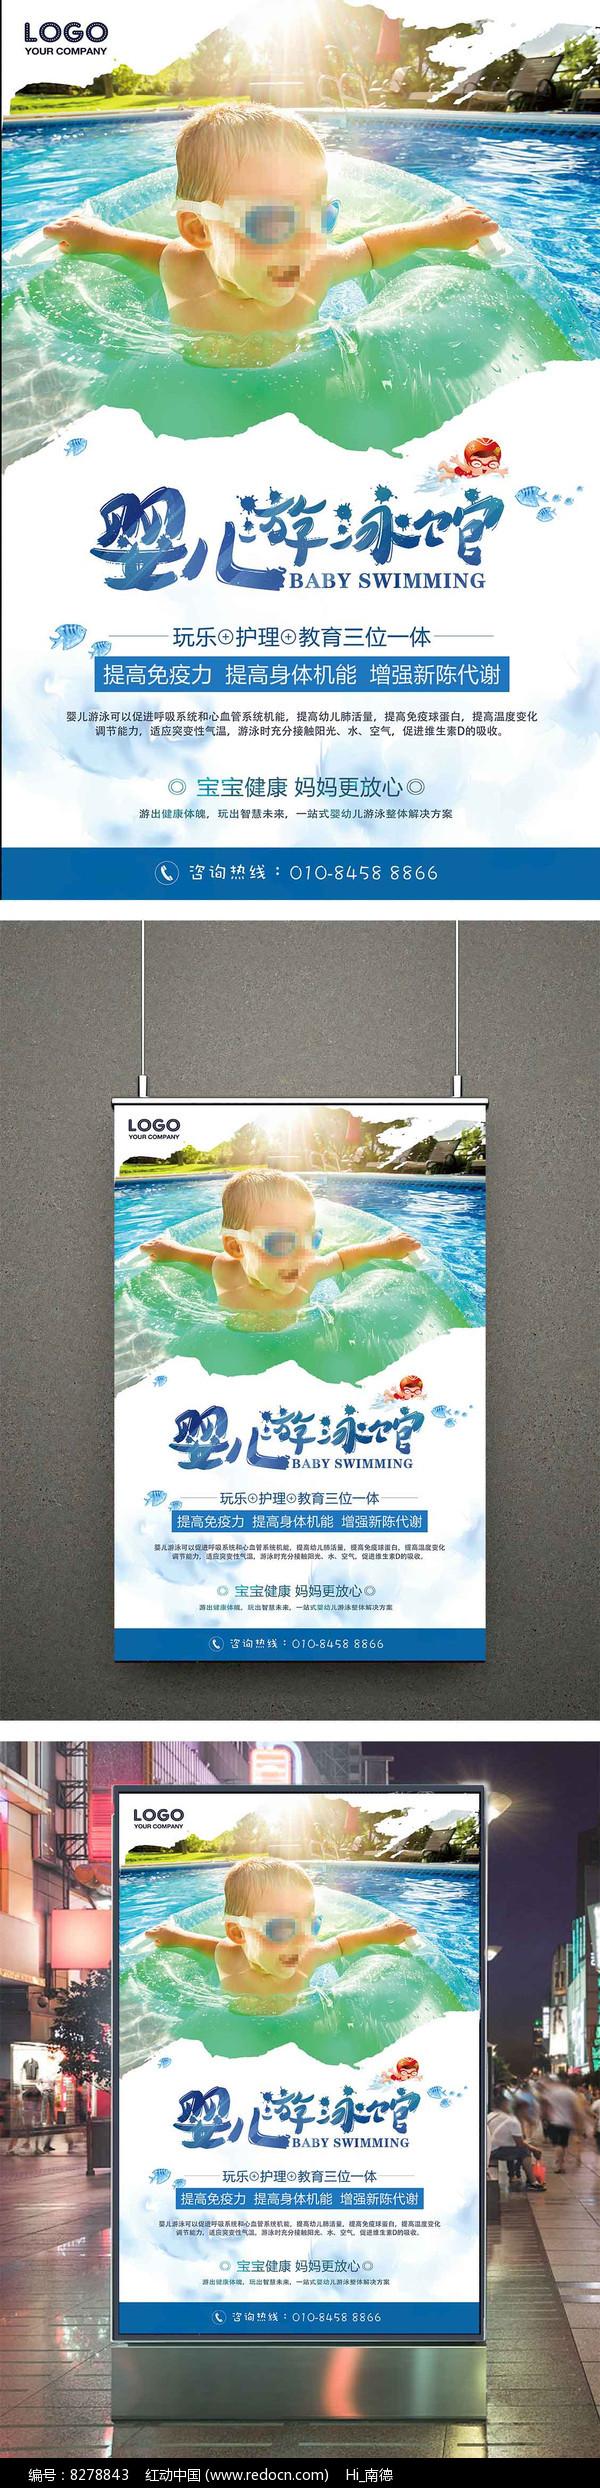 夏季阳光健康婴儿游泳馆招生海报图片